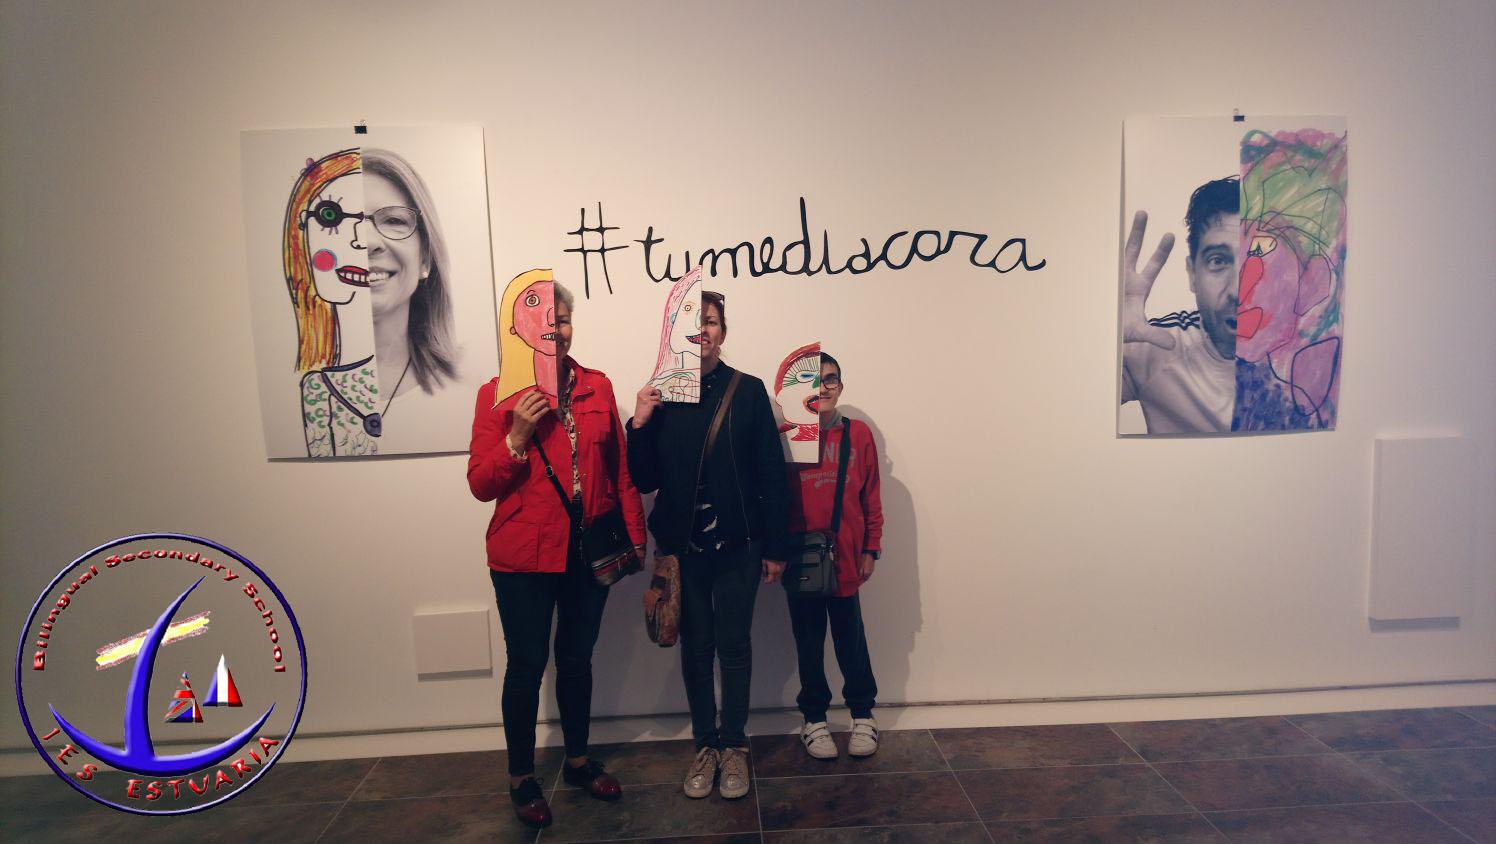 #tumediacara